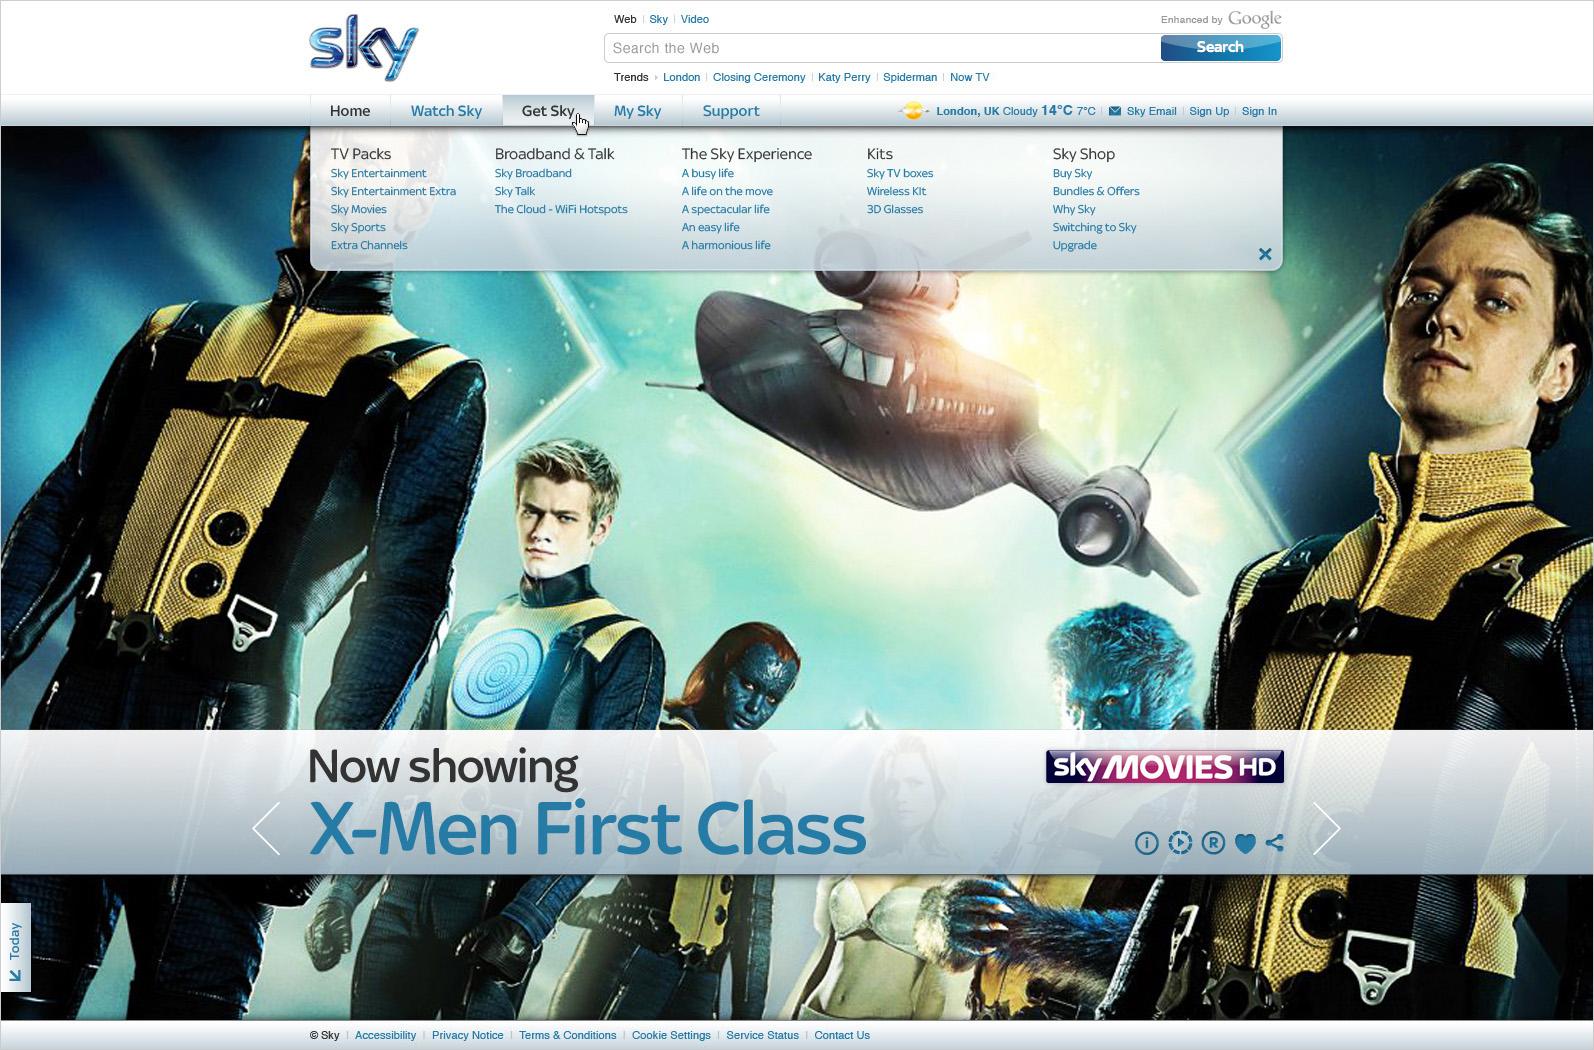 Sky_Homepage_03SkyMovies_DropDown.jpg